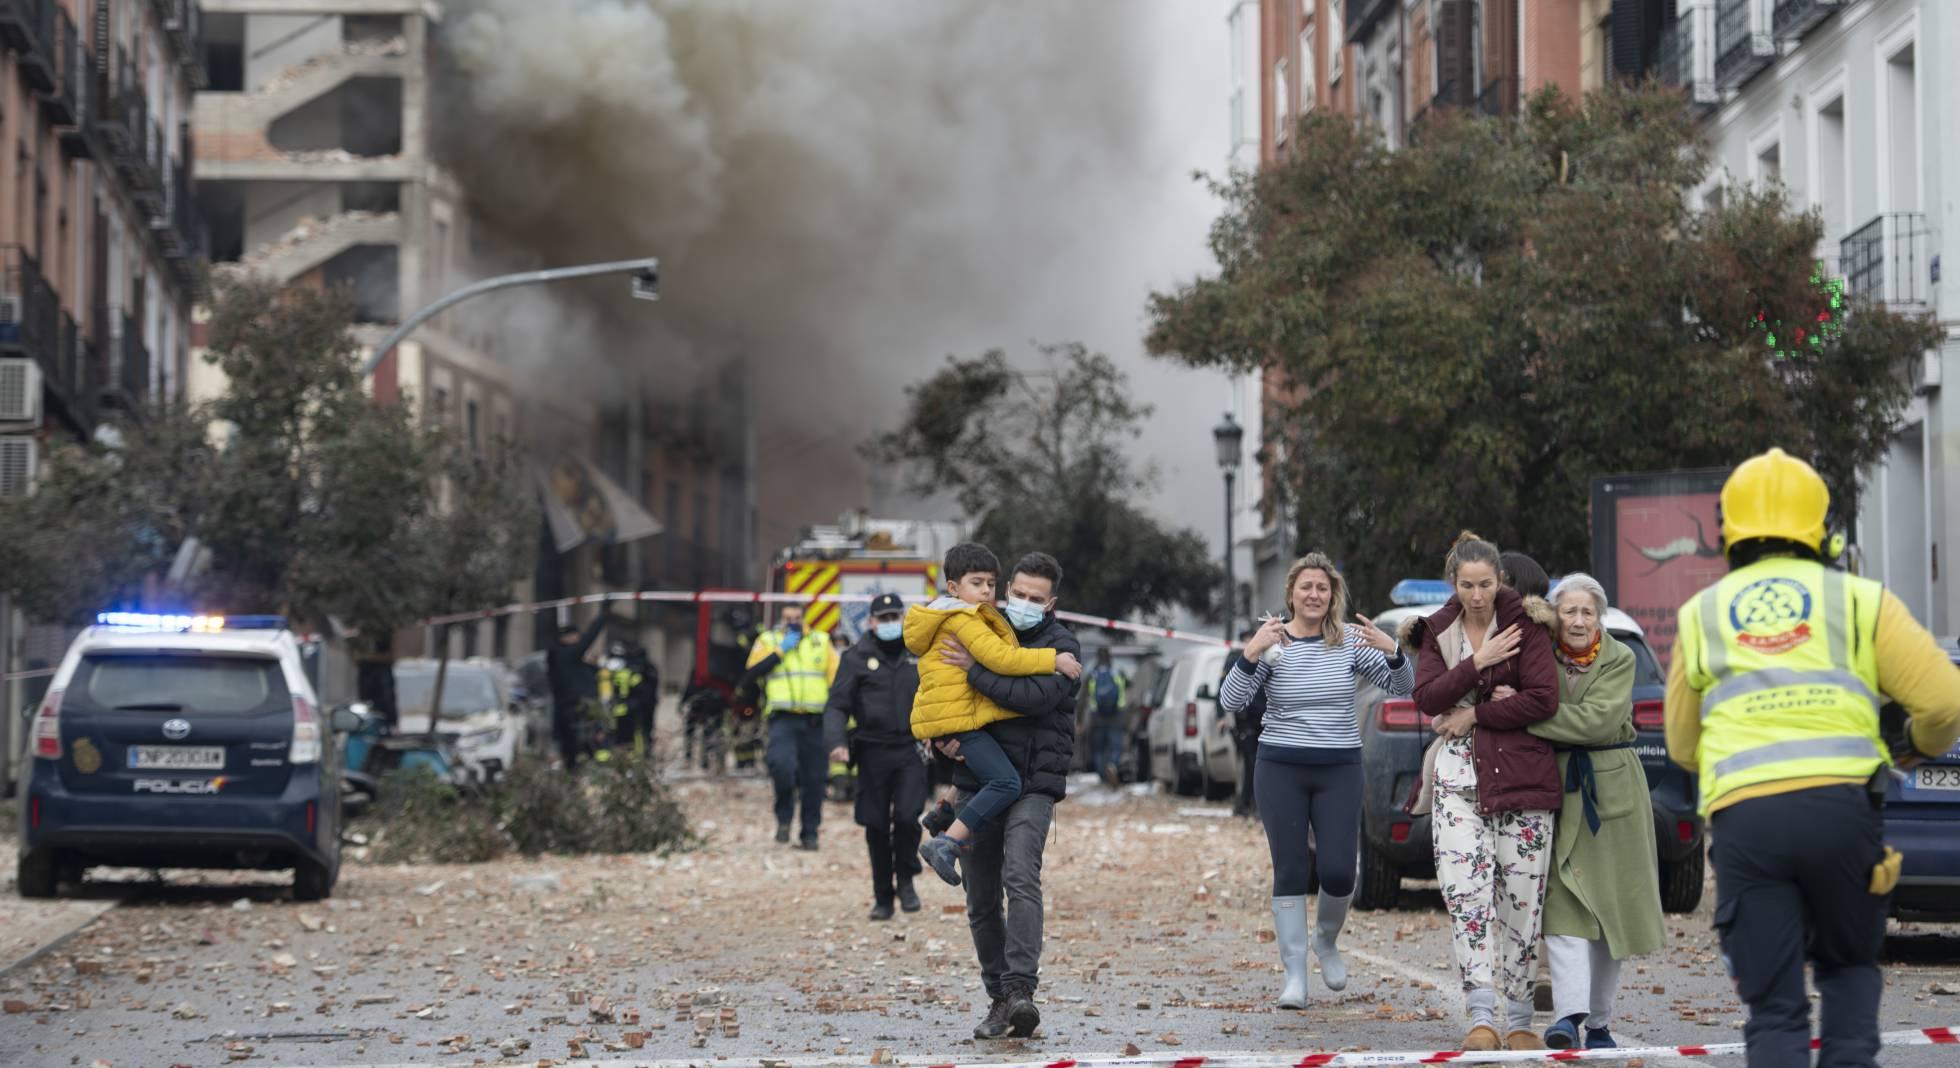 España: Explosión en el centro de Madrid deja al menos 2 fallecidos y varias personas heridas